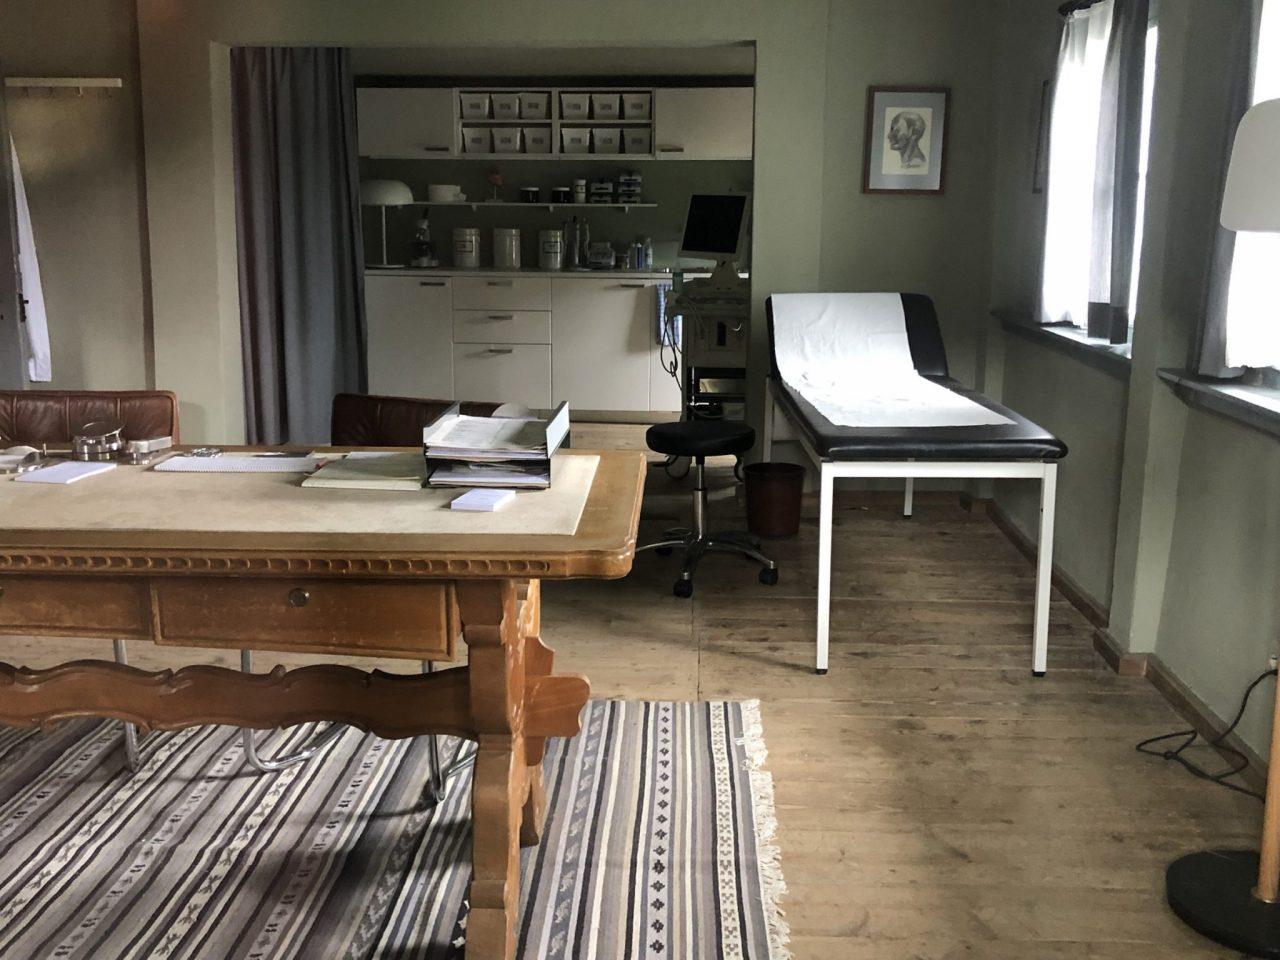 Ellmau, Arztpraxis, Doktor office, der Bergdoktor